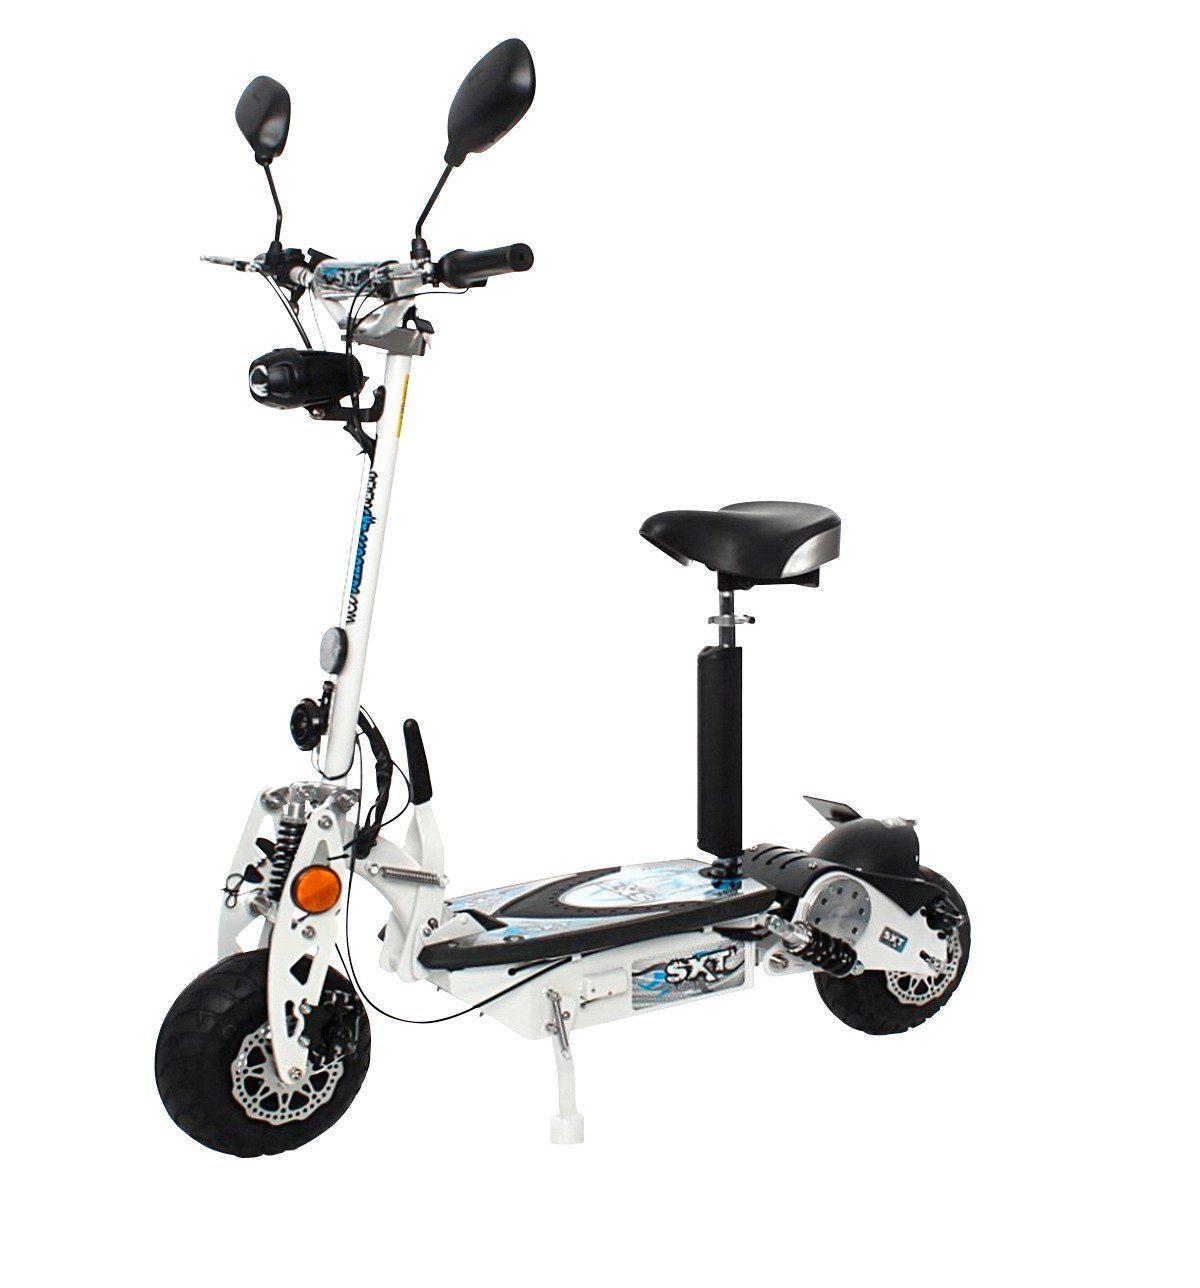 SXT Scooter E-Scooter »SXT500 EEC«, 500 Watt, 25 km/h